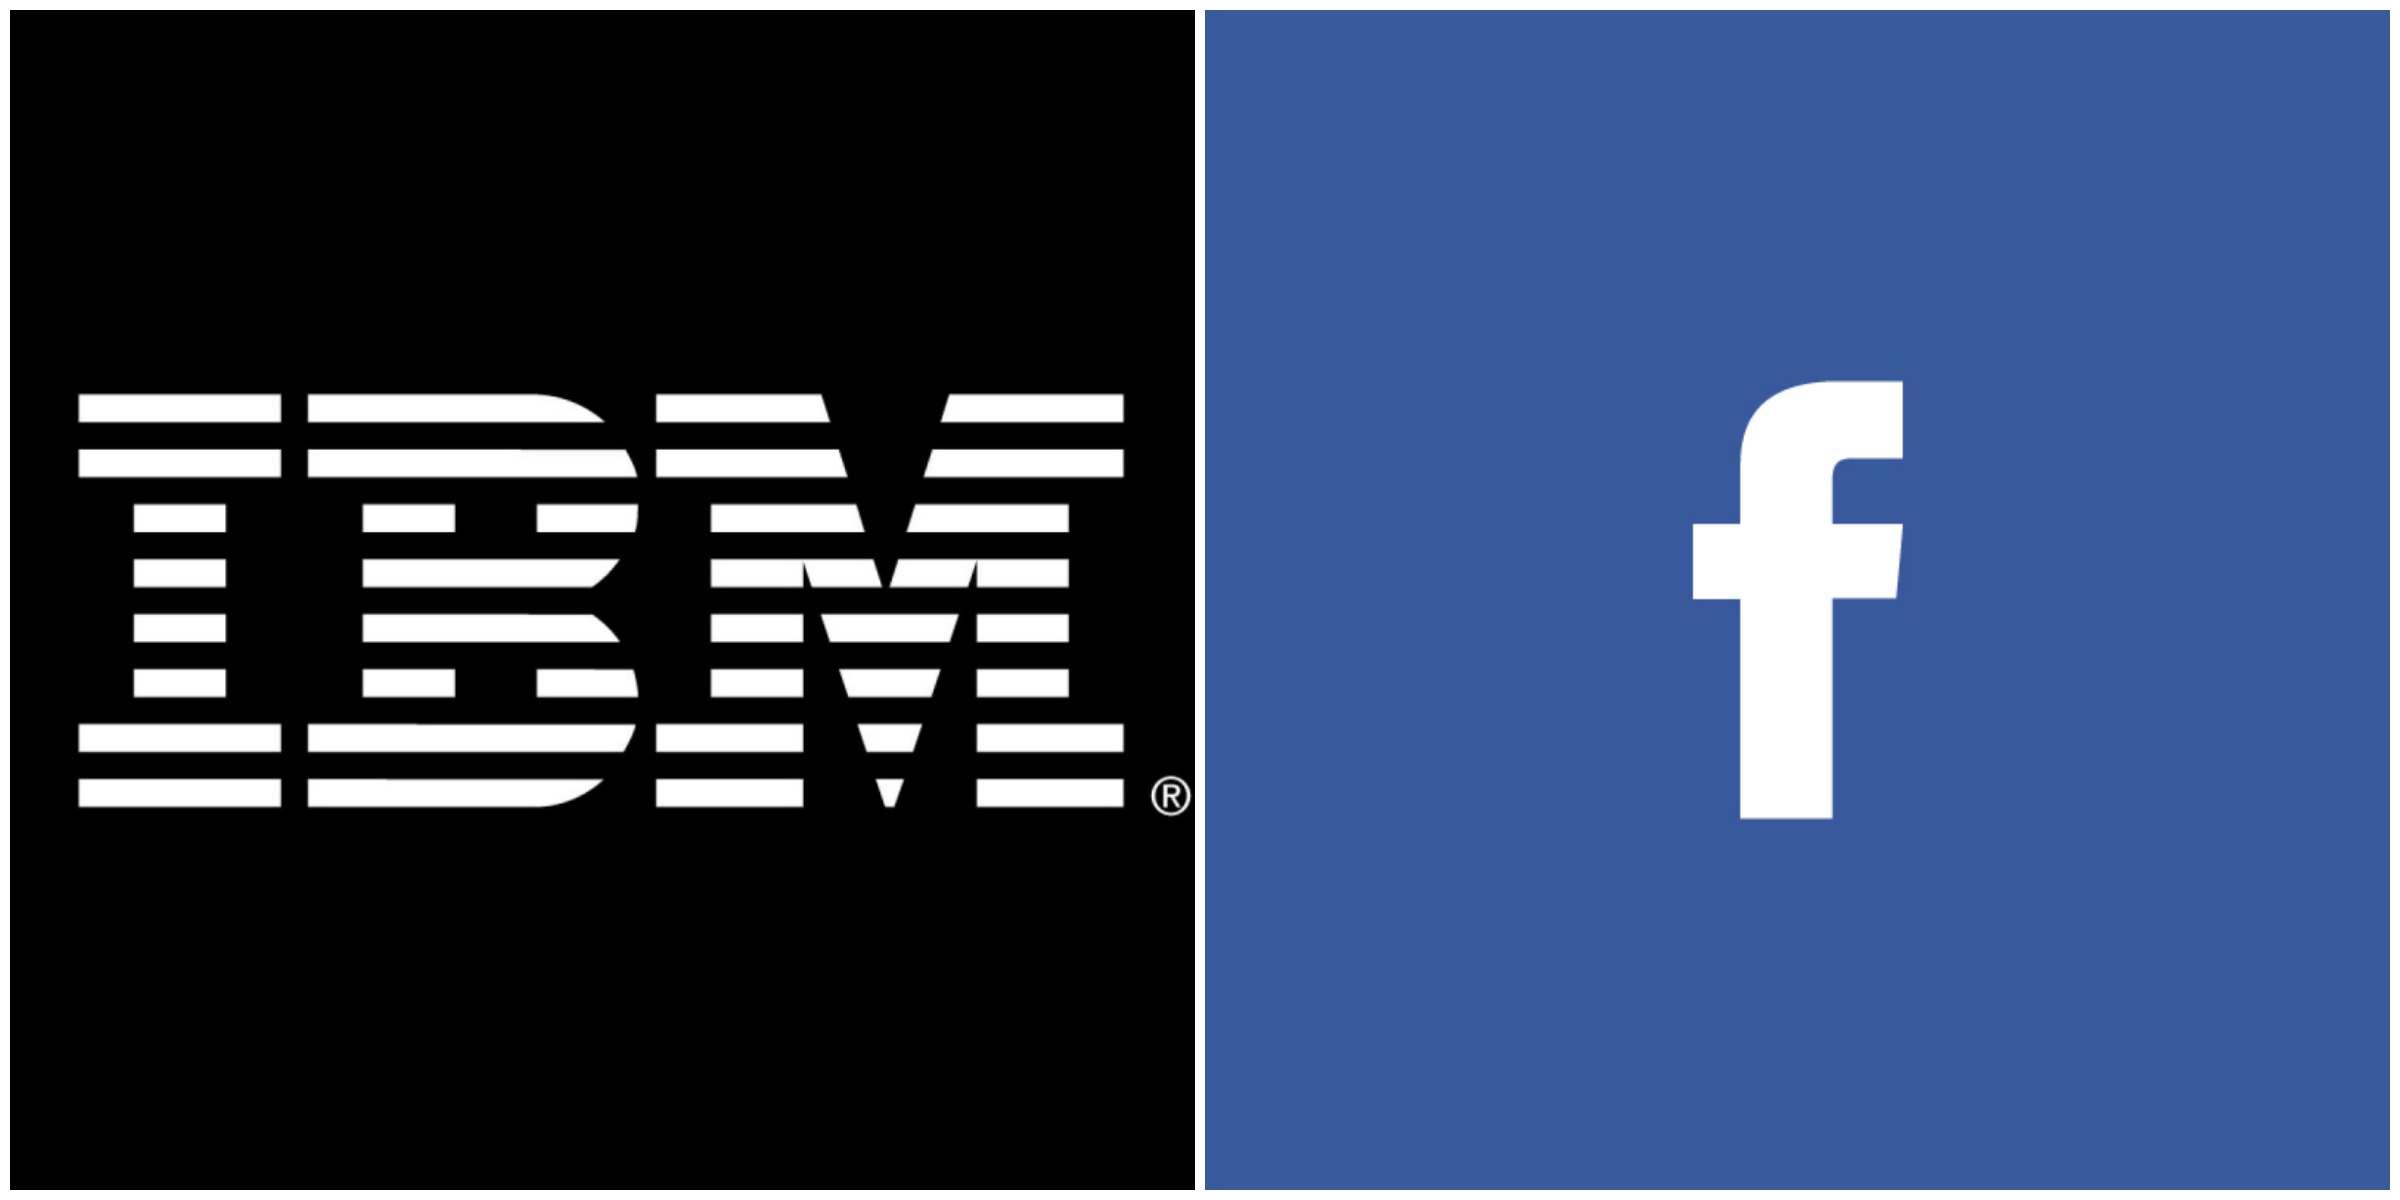 IBM y Facebook anuncian alianza para personalizar campañas publicitarias